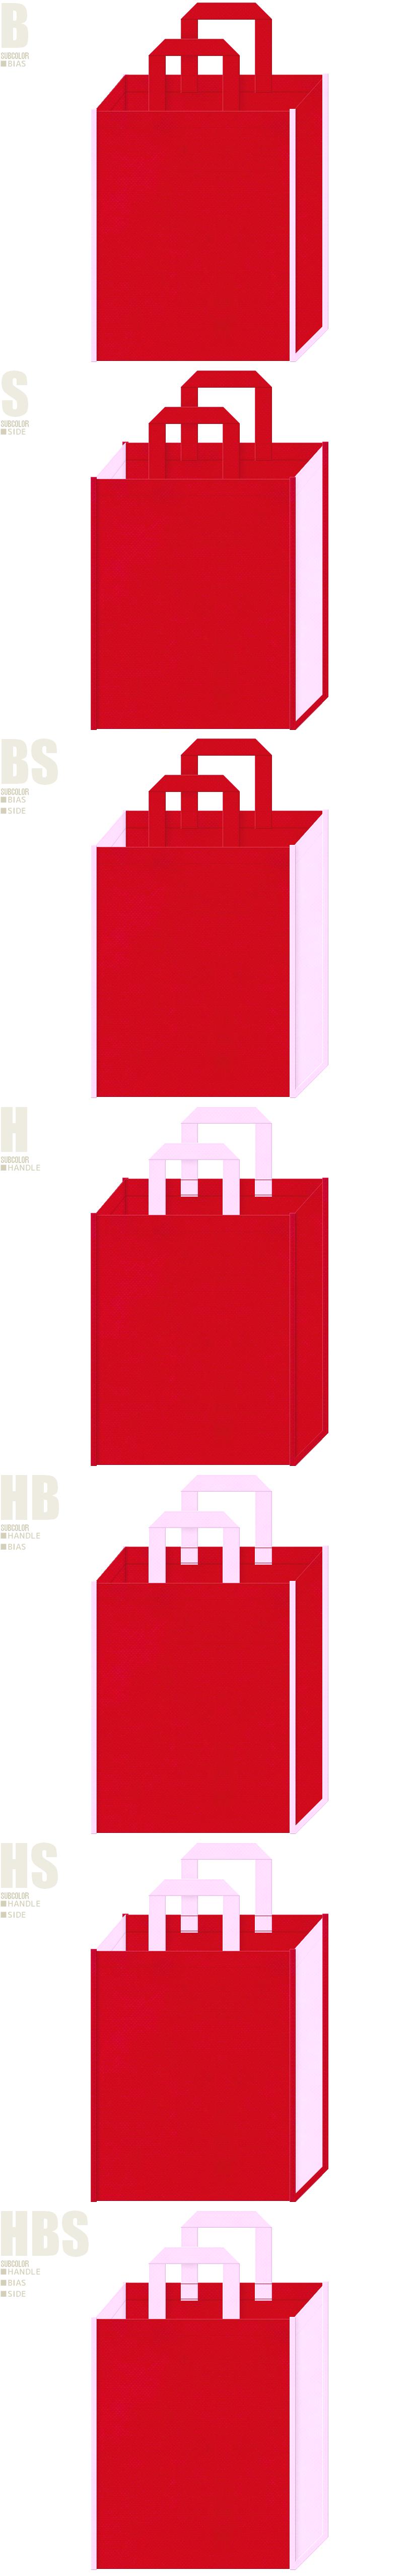 いちご・バレンタイン・ひな祭り・カーネーション・母の日・和風催事にお奨めの不織布バッグデザイン:紅色と明るいピンク色の配色7パターン